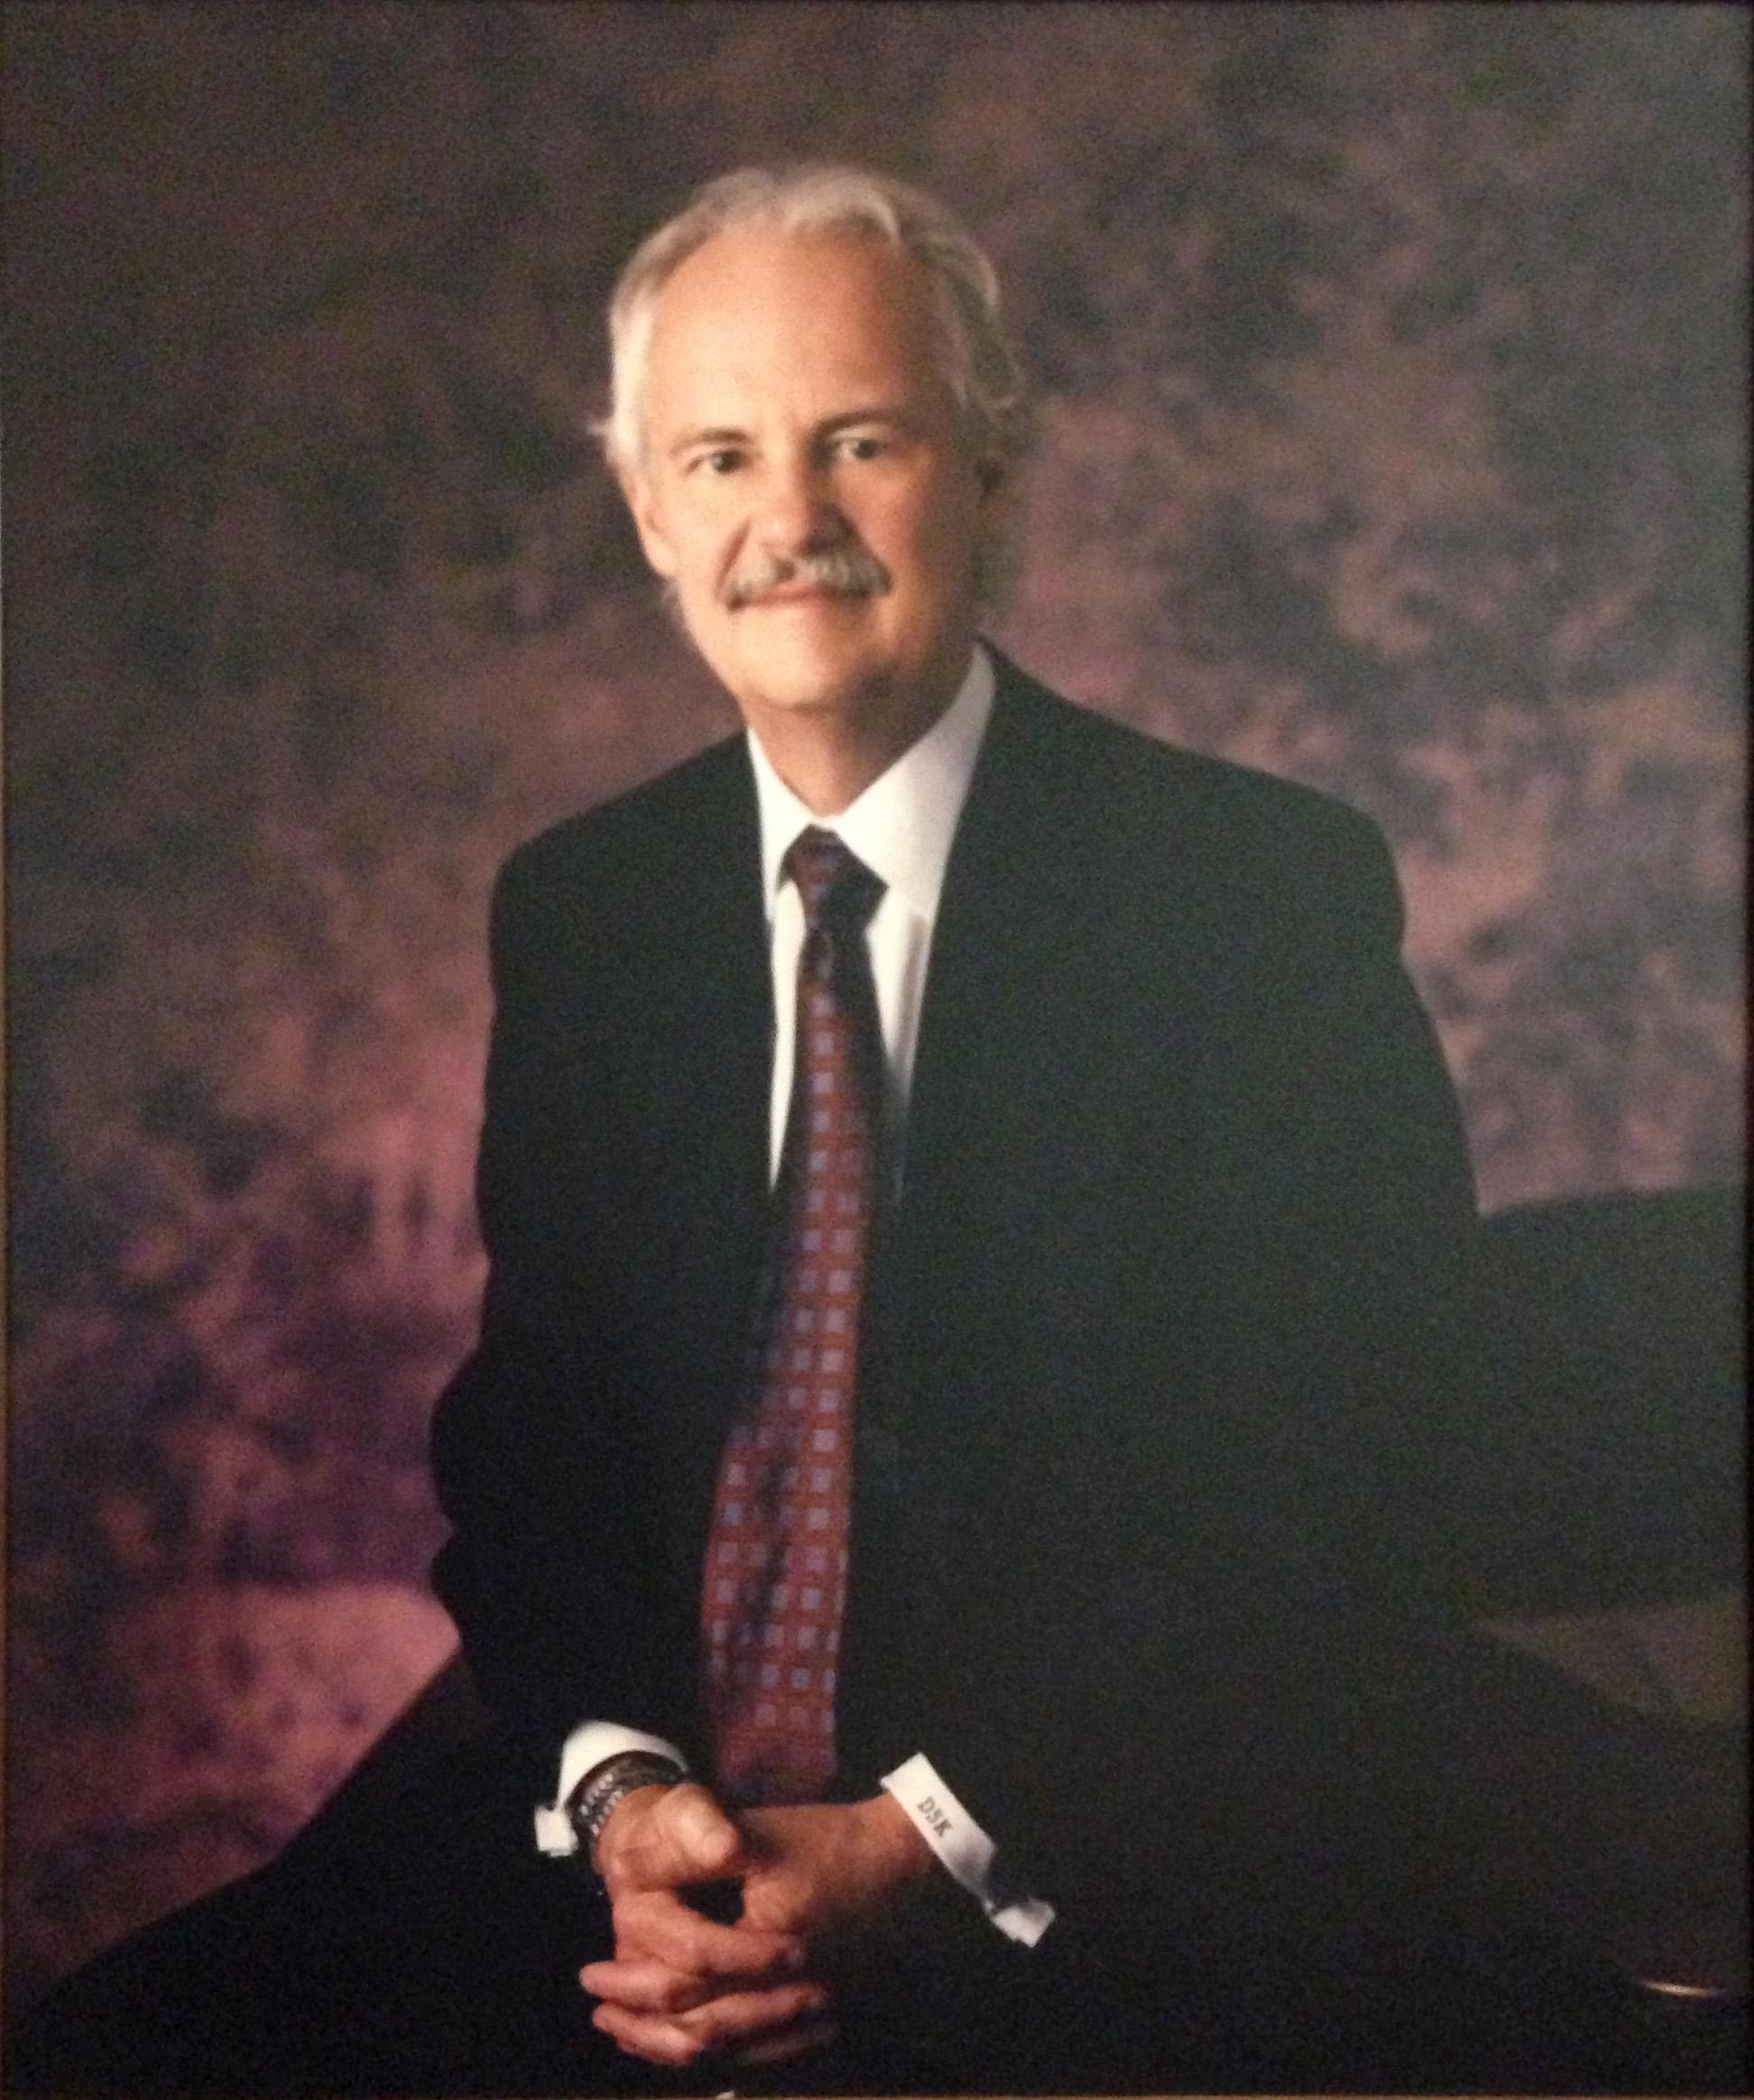 David S. Kidwell. Dean 1988-1992.